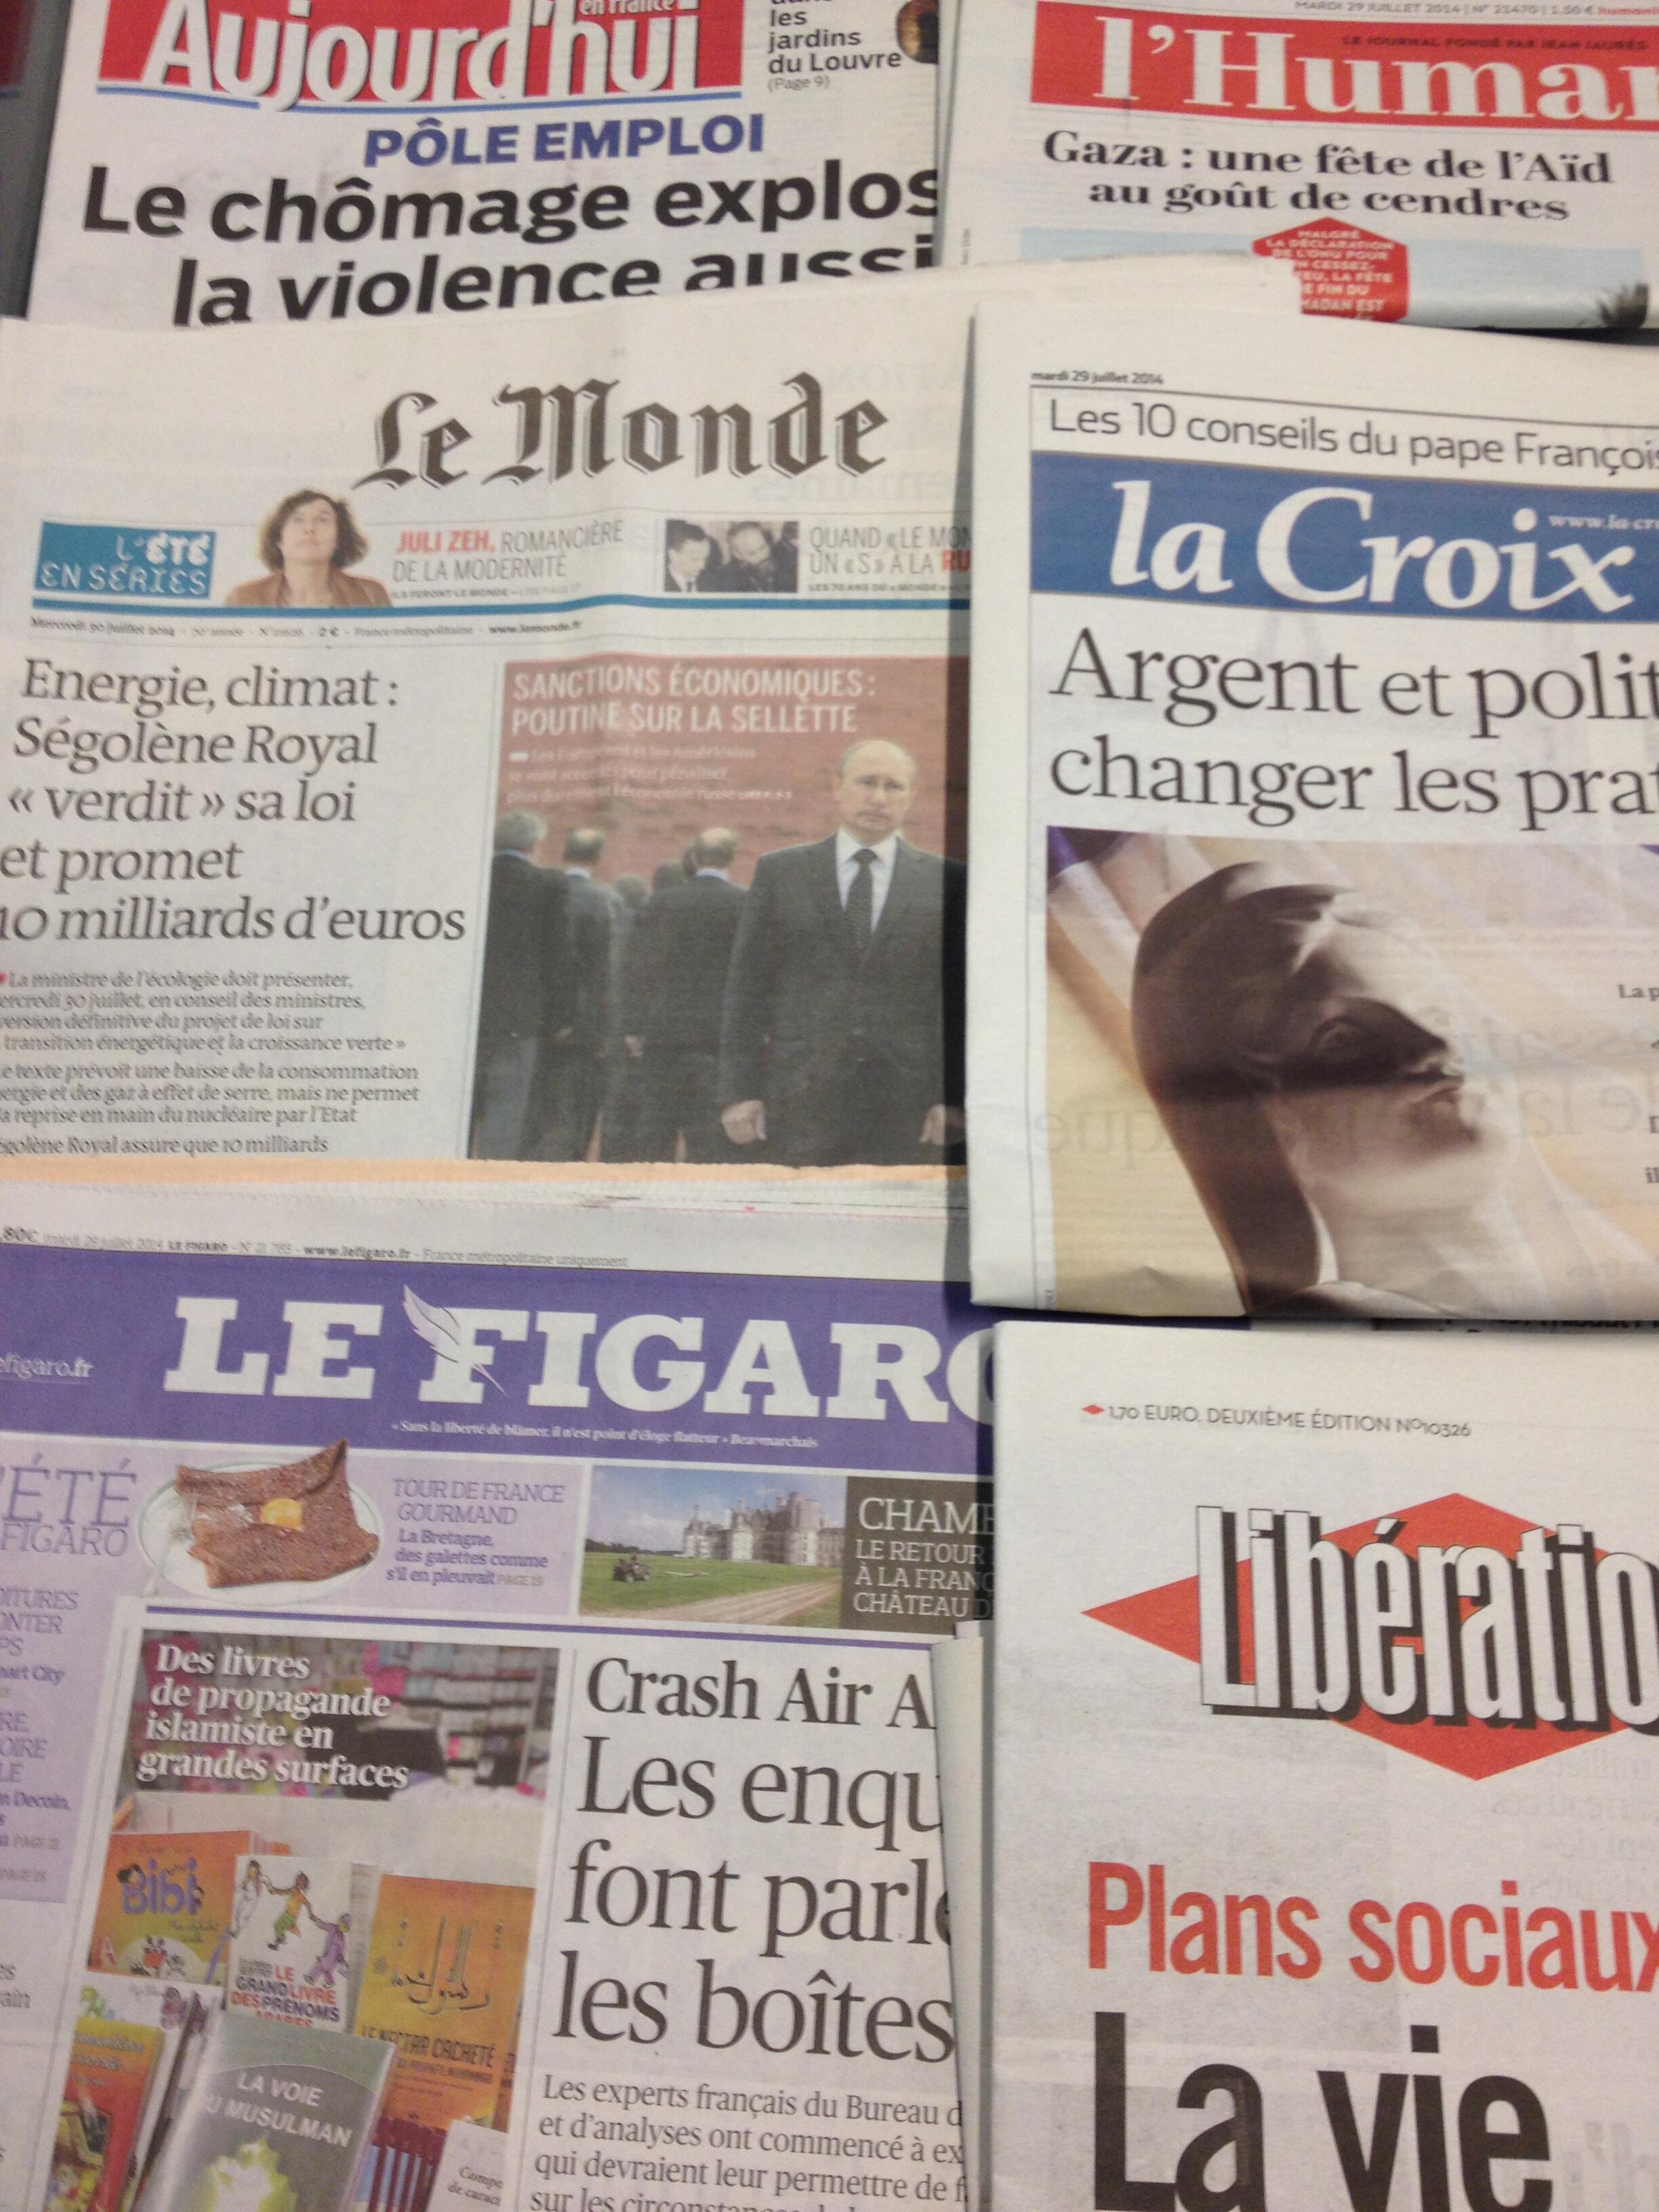 Primeiras páginas dos diários franceses de 29/7/2014